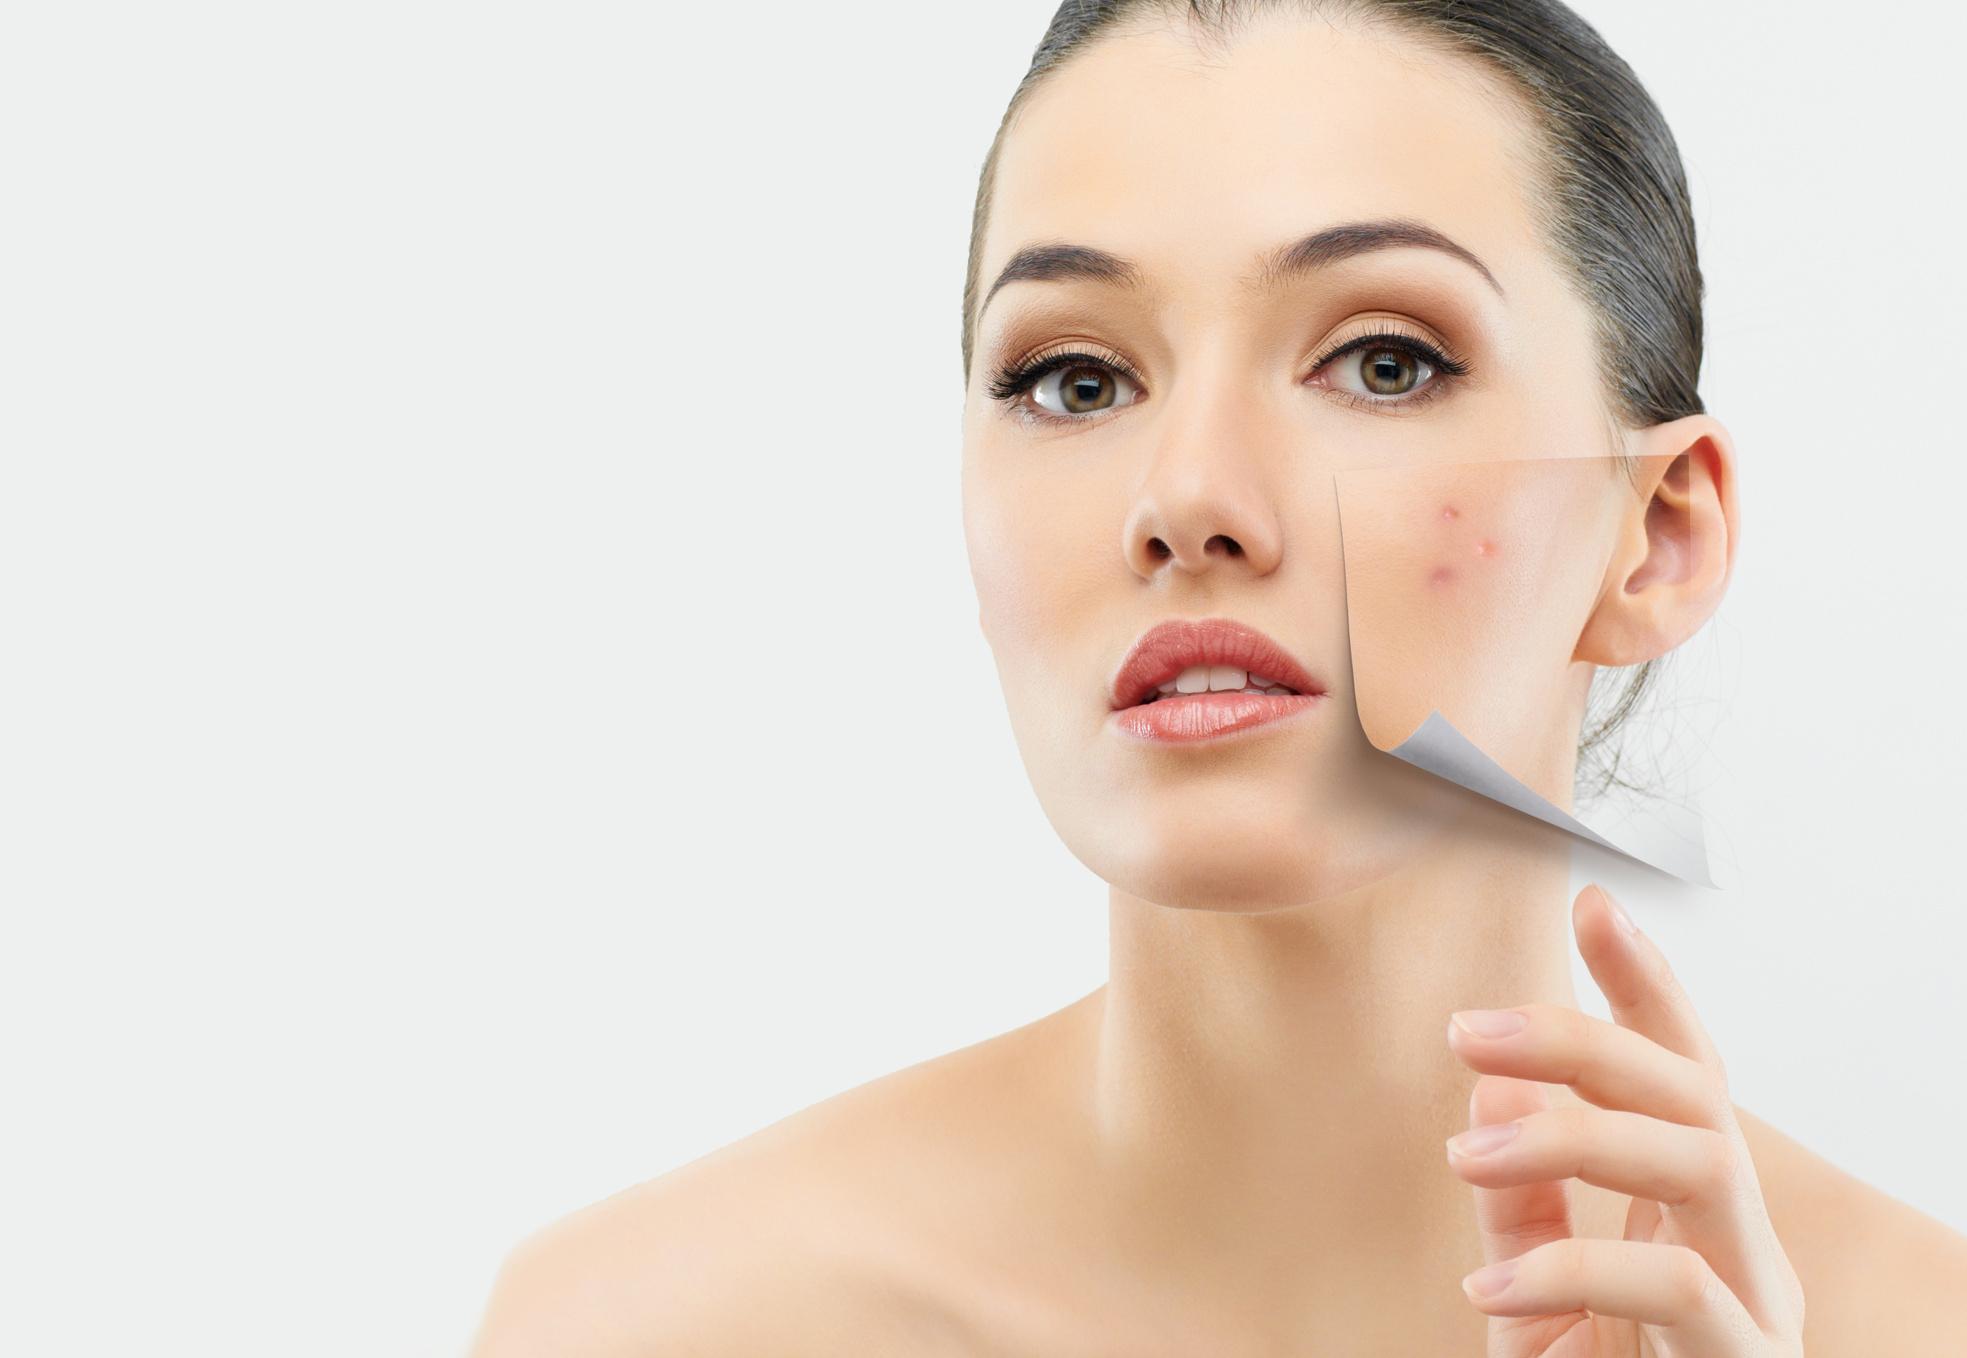 Erste Hilfe Für Unreine Haut Beautynews